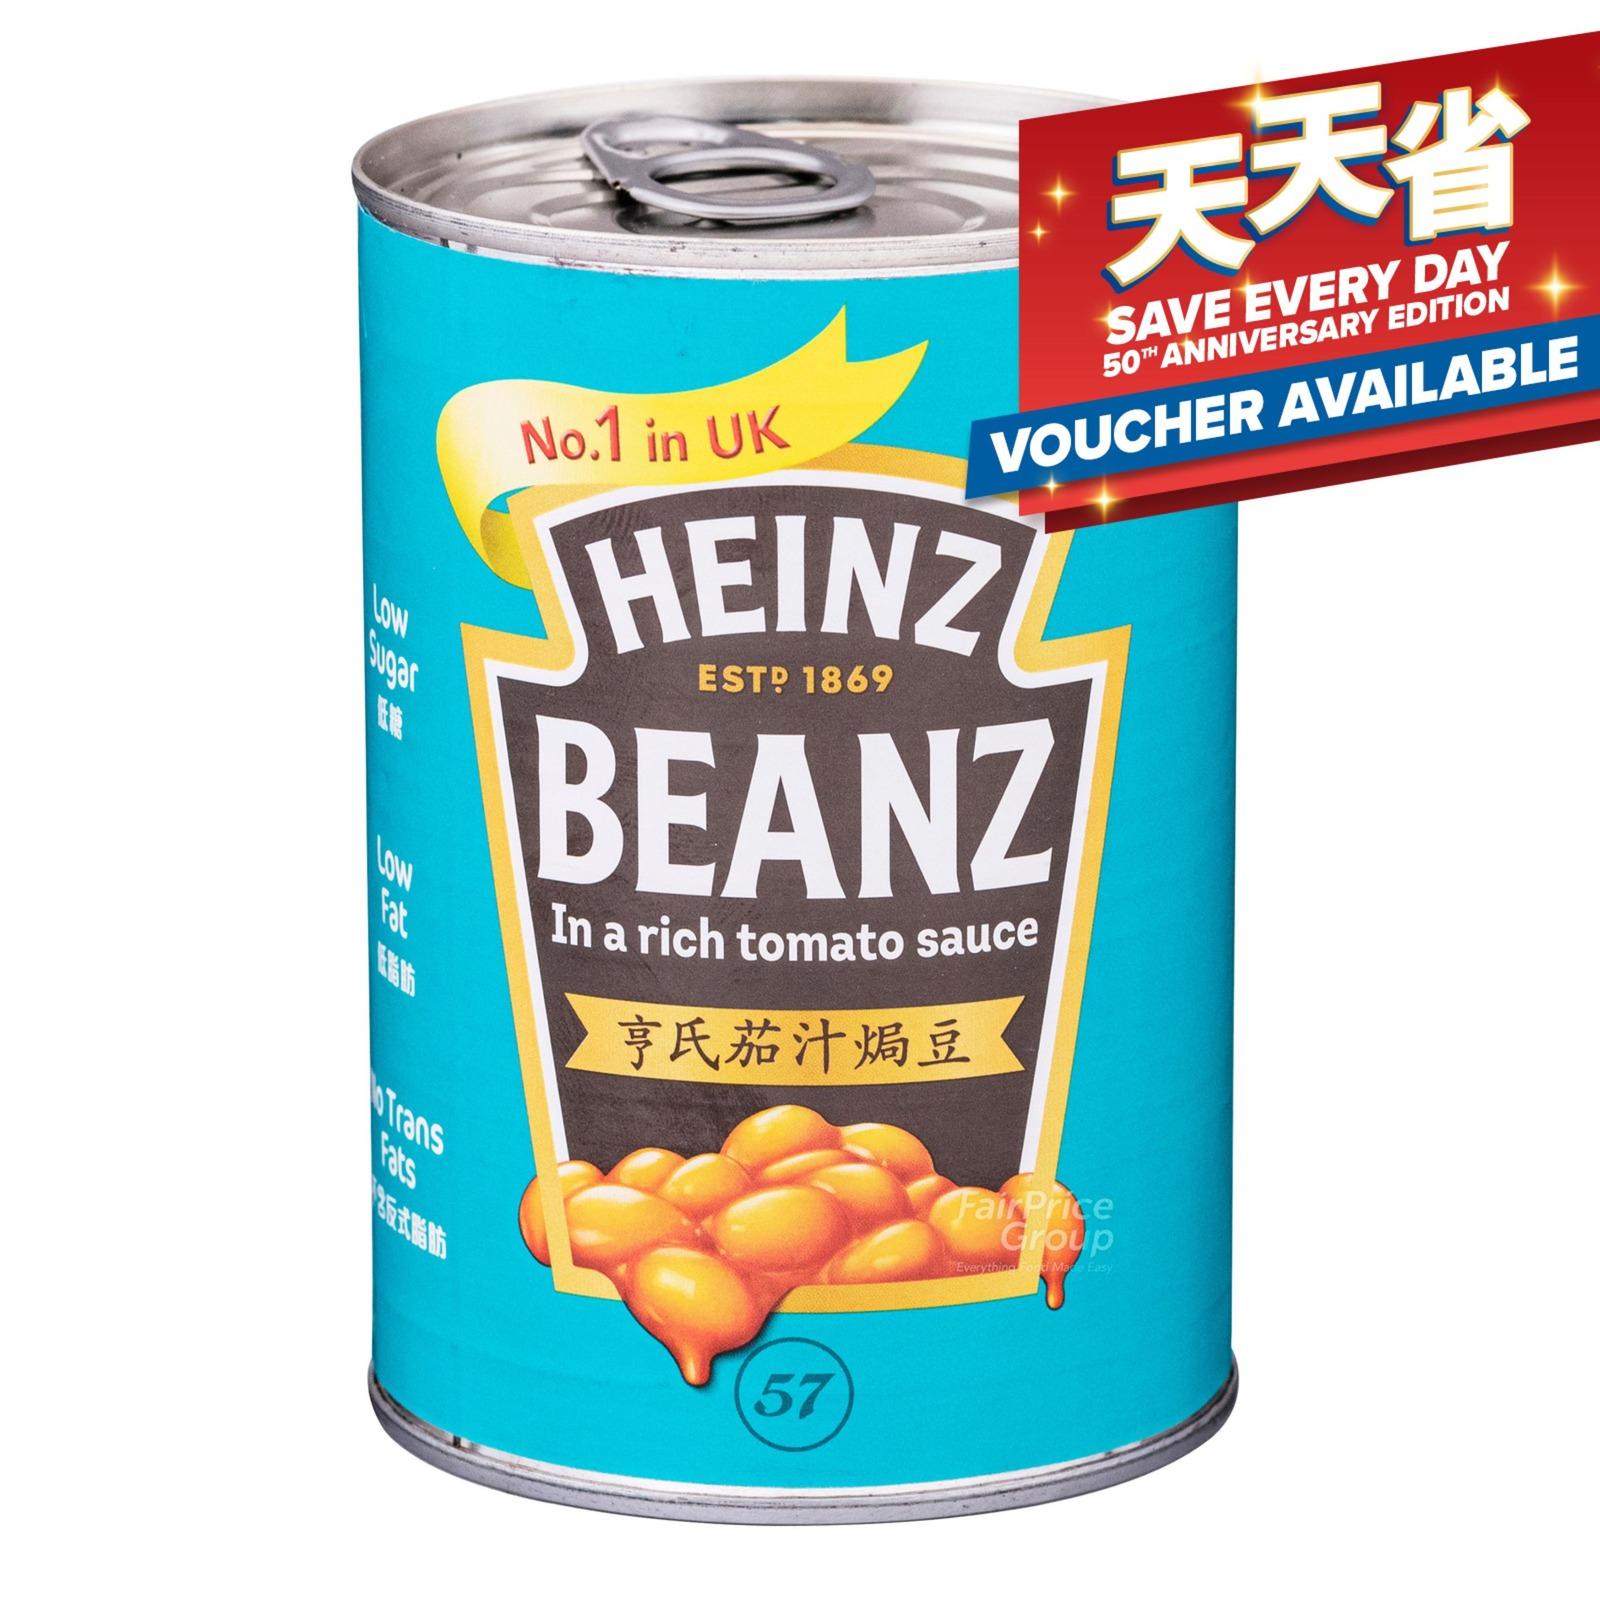 Heinz Beanz Baked Beans - Original